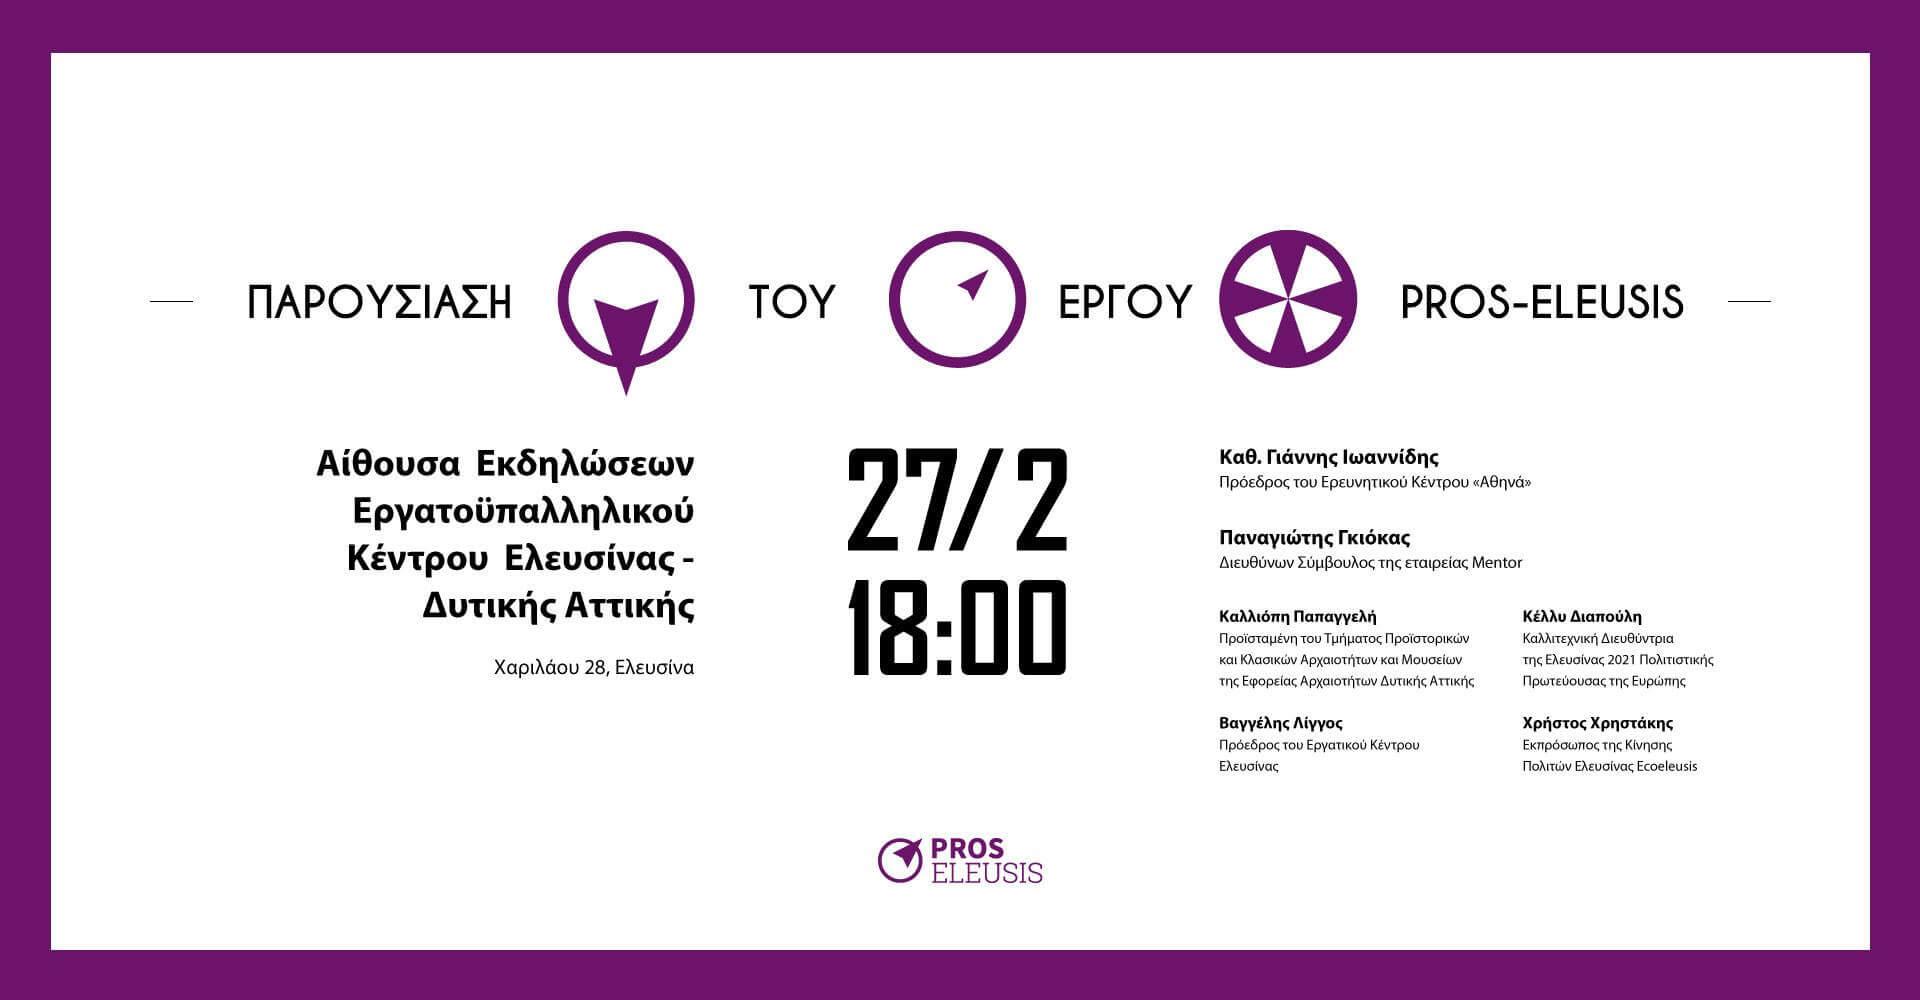 Παρουσίαση του έργου Pros-Eleusis